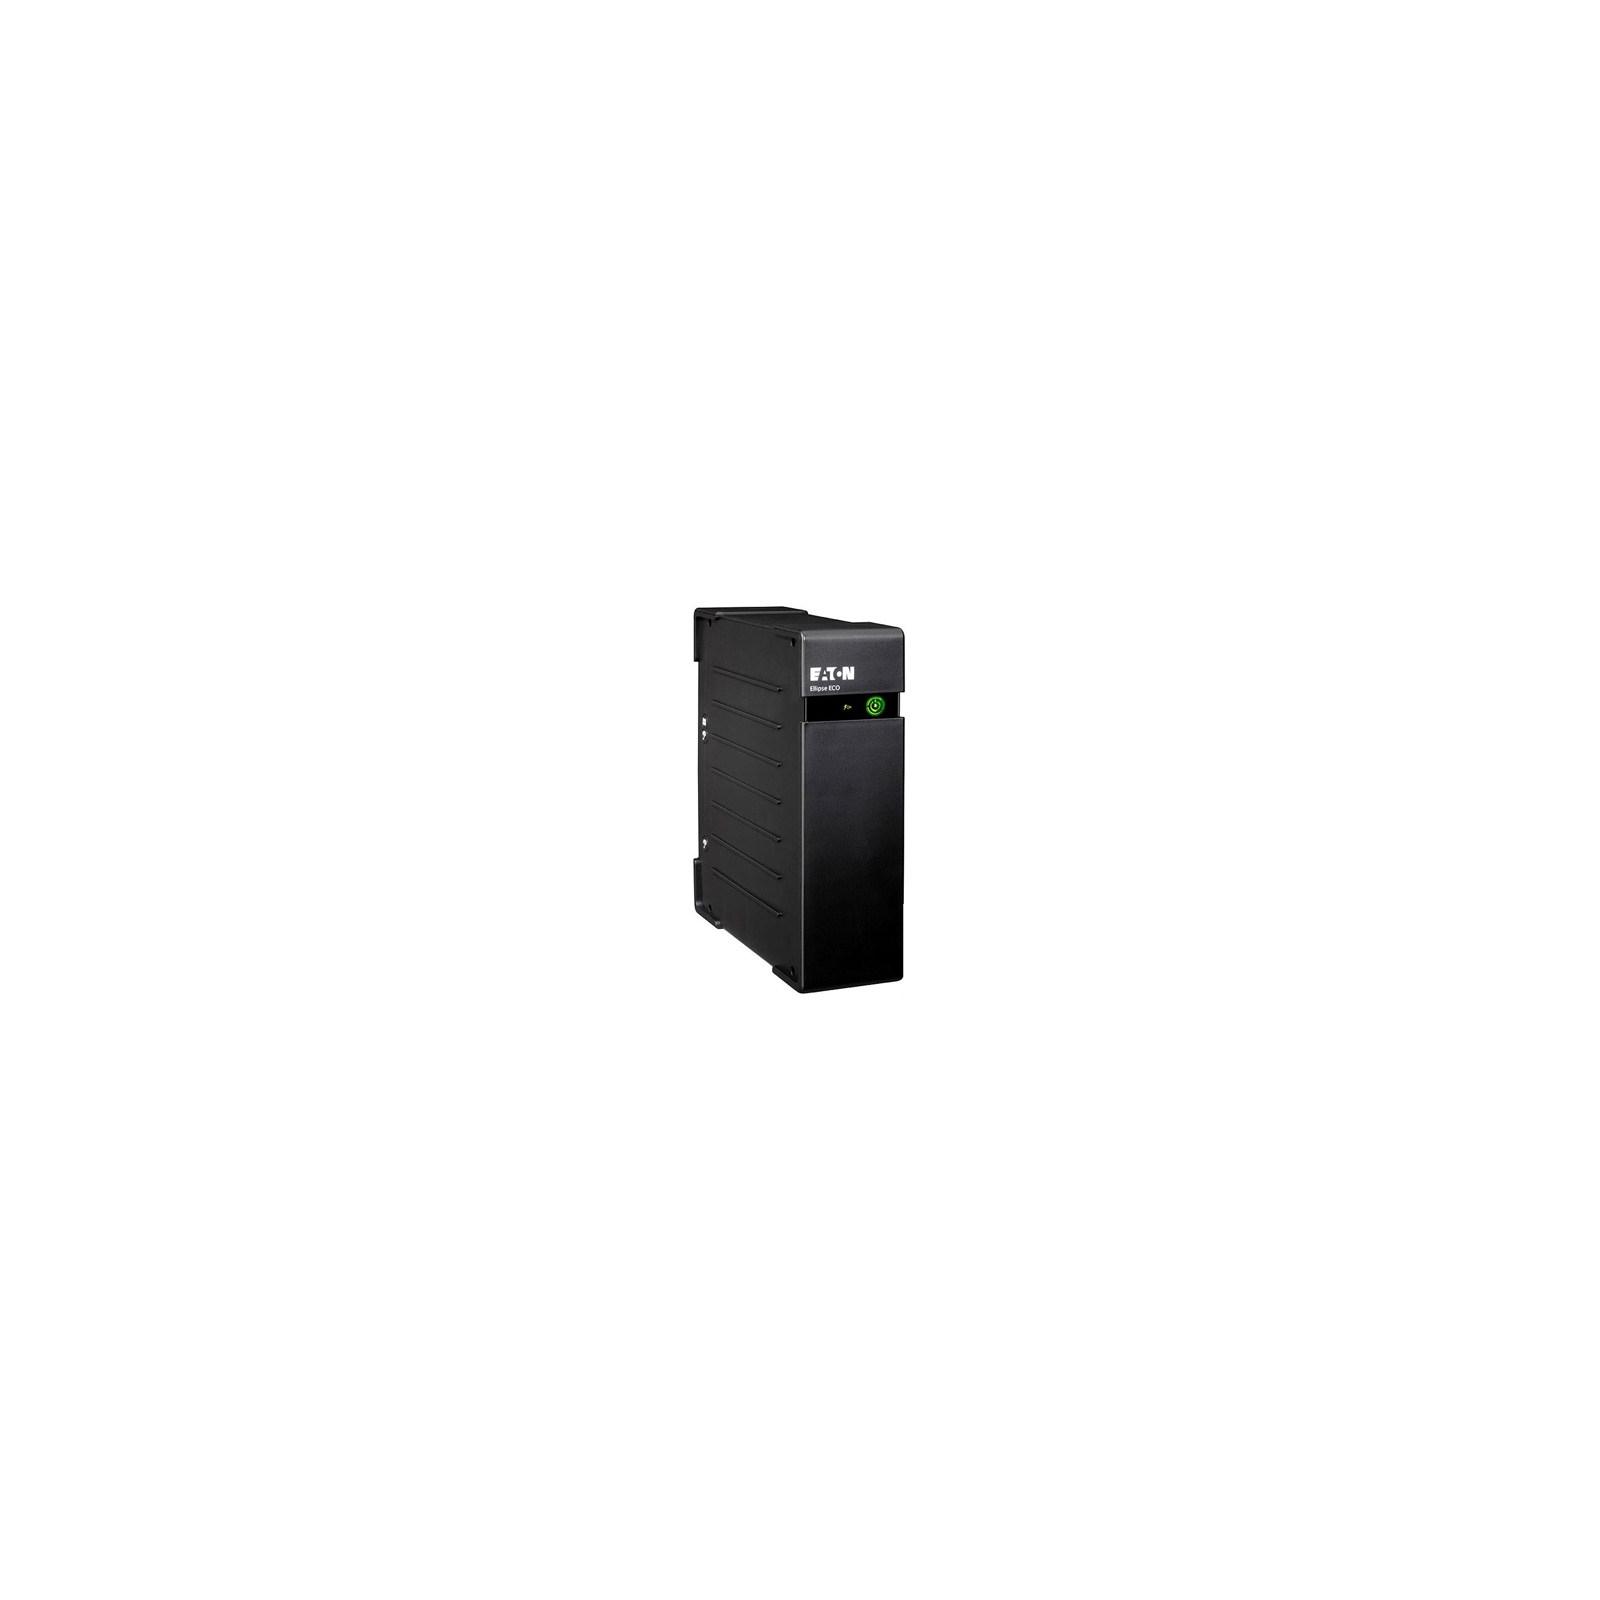 Источник бесперебойного питания Eaton Ellipse ECO 800VA, DIN (EL800USBDIN)